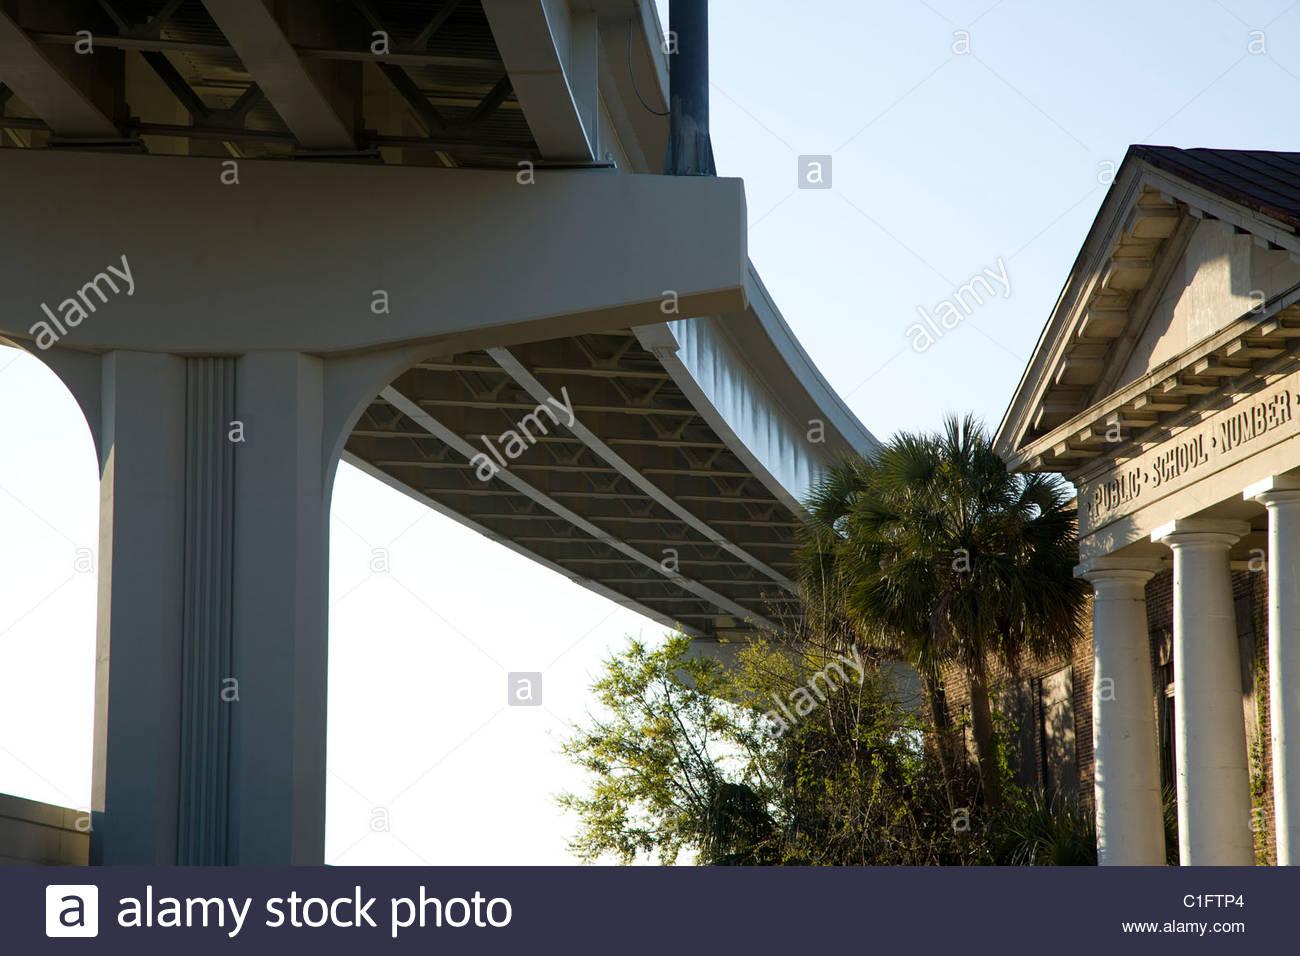 Abandoned Building, Jacksonville, Florida Stock Photo: 35384108 - Alamy